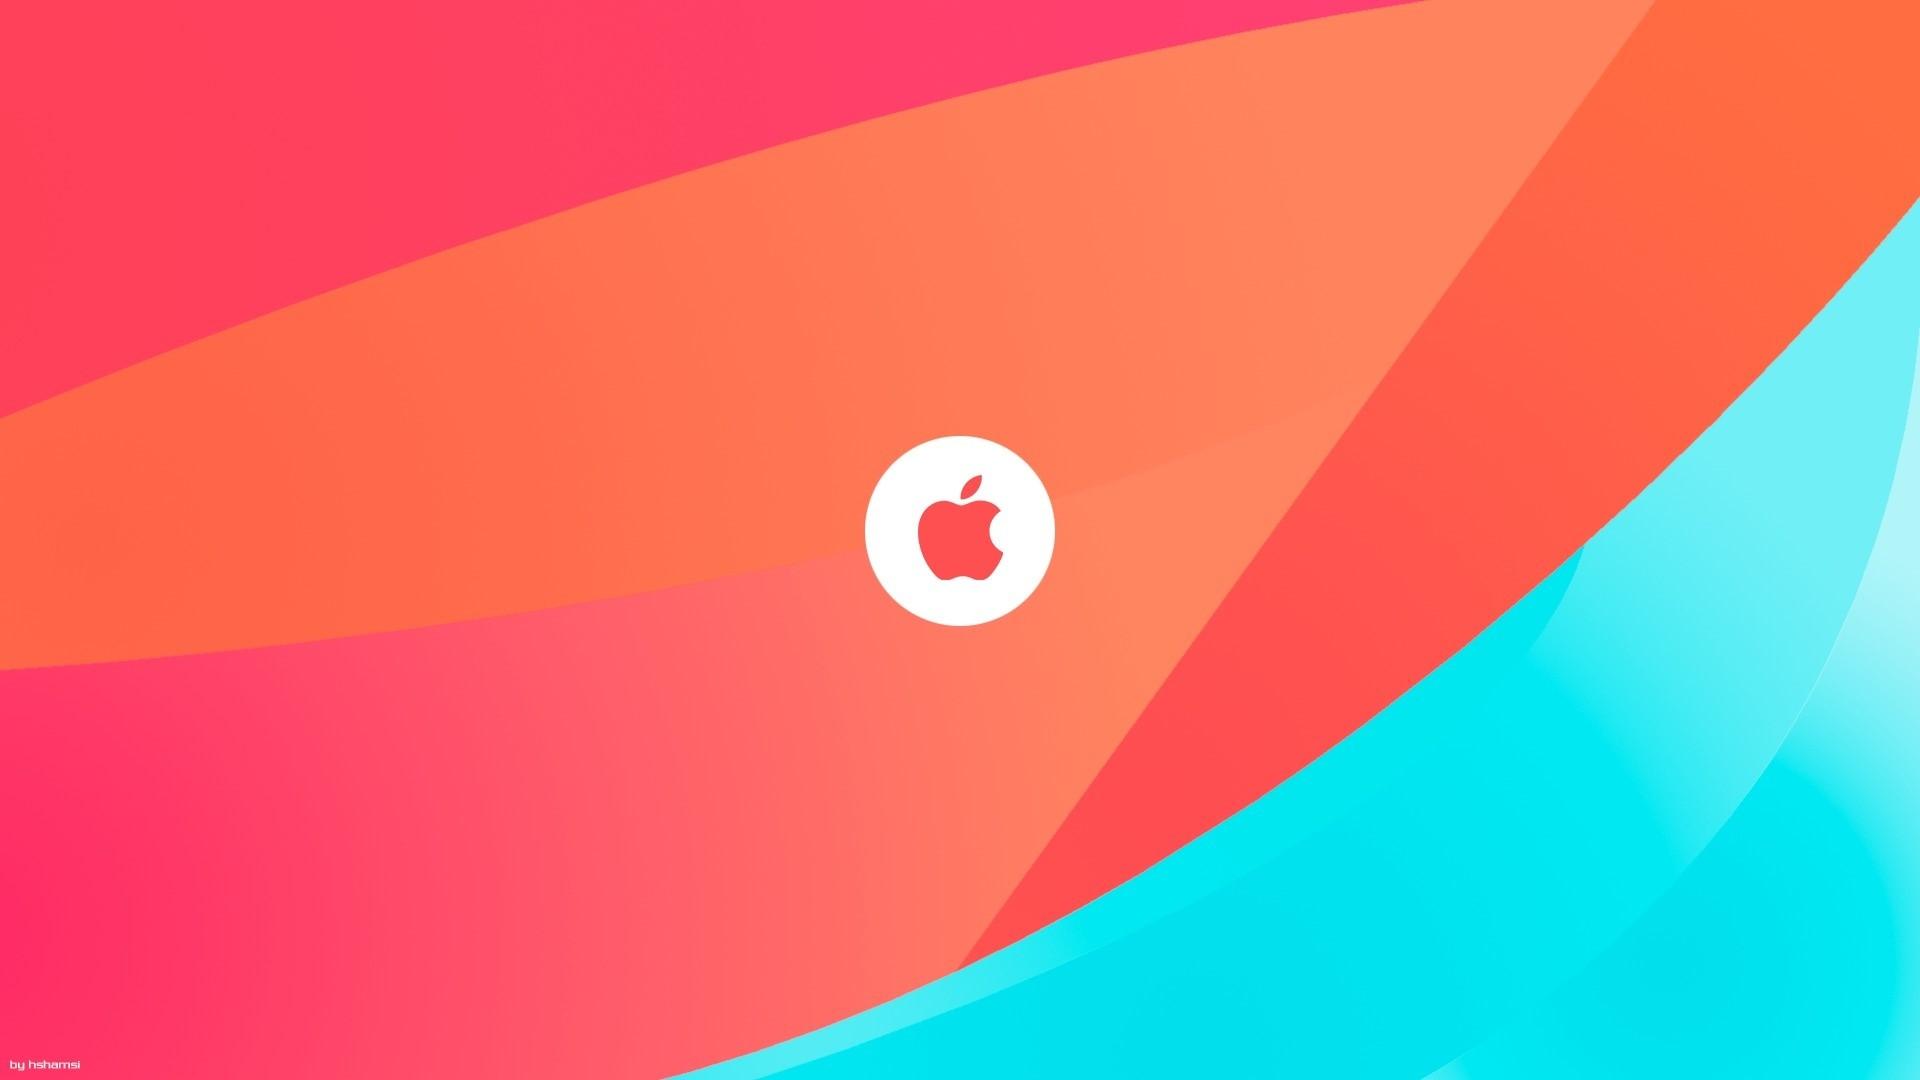 Fondos De Pantalla Mac Apple - HD Wallpaper